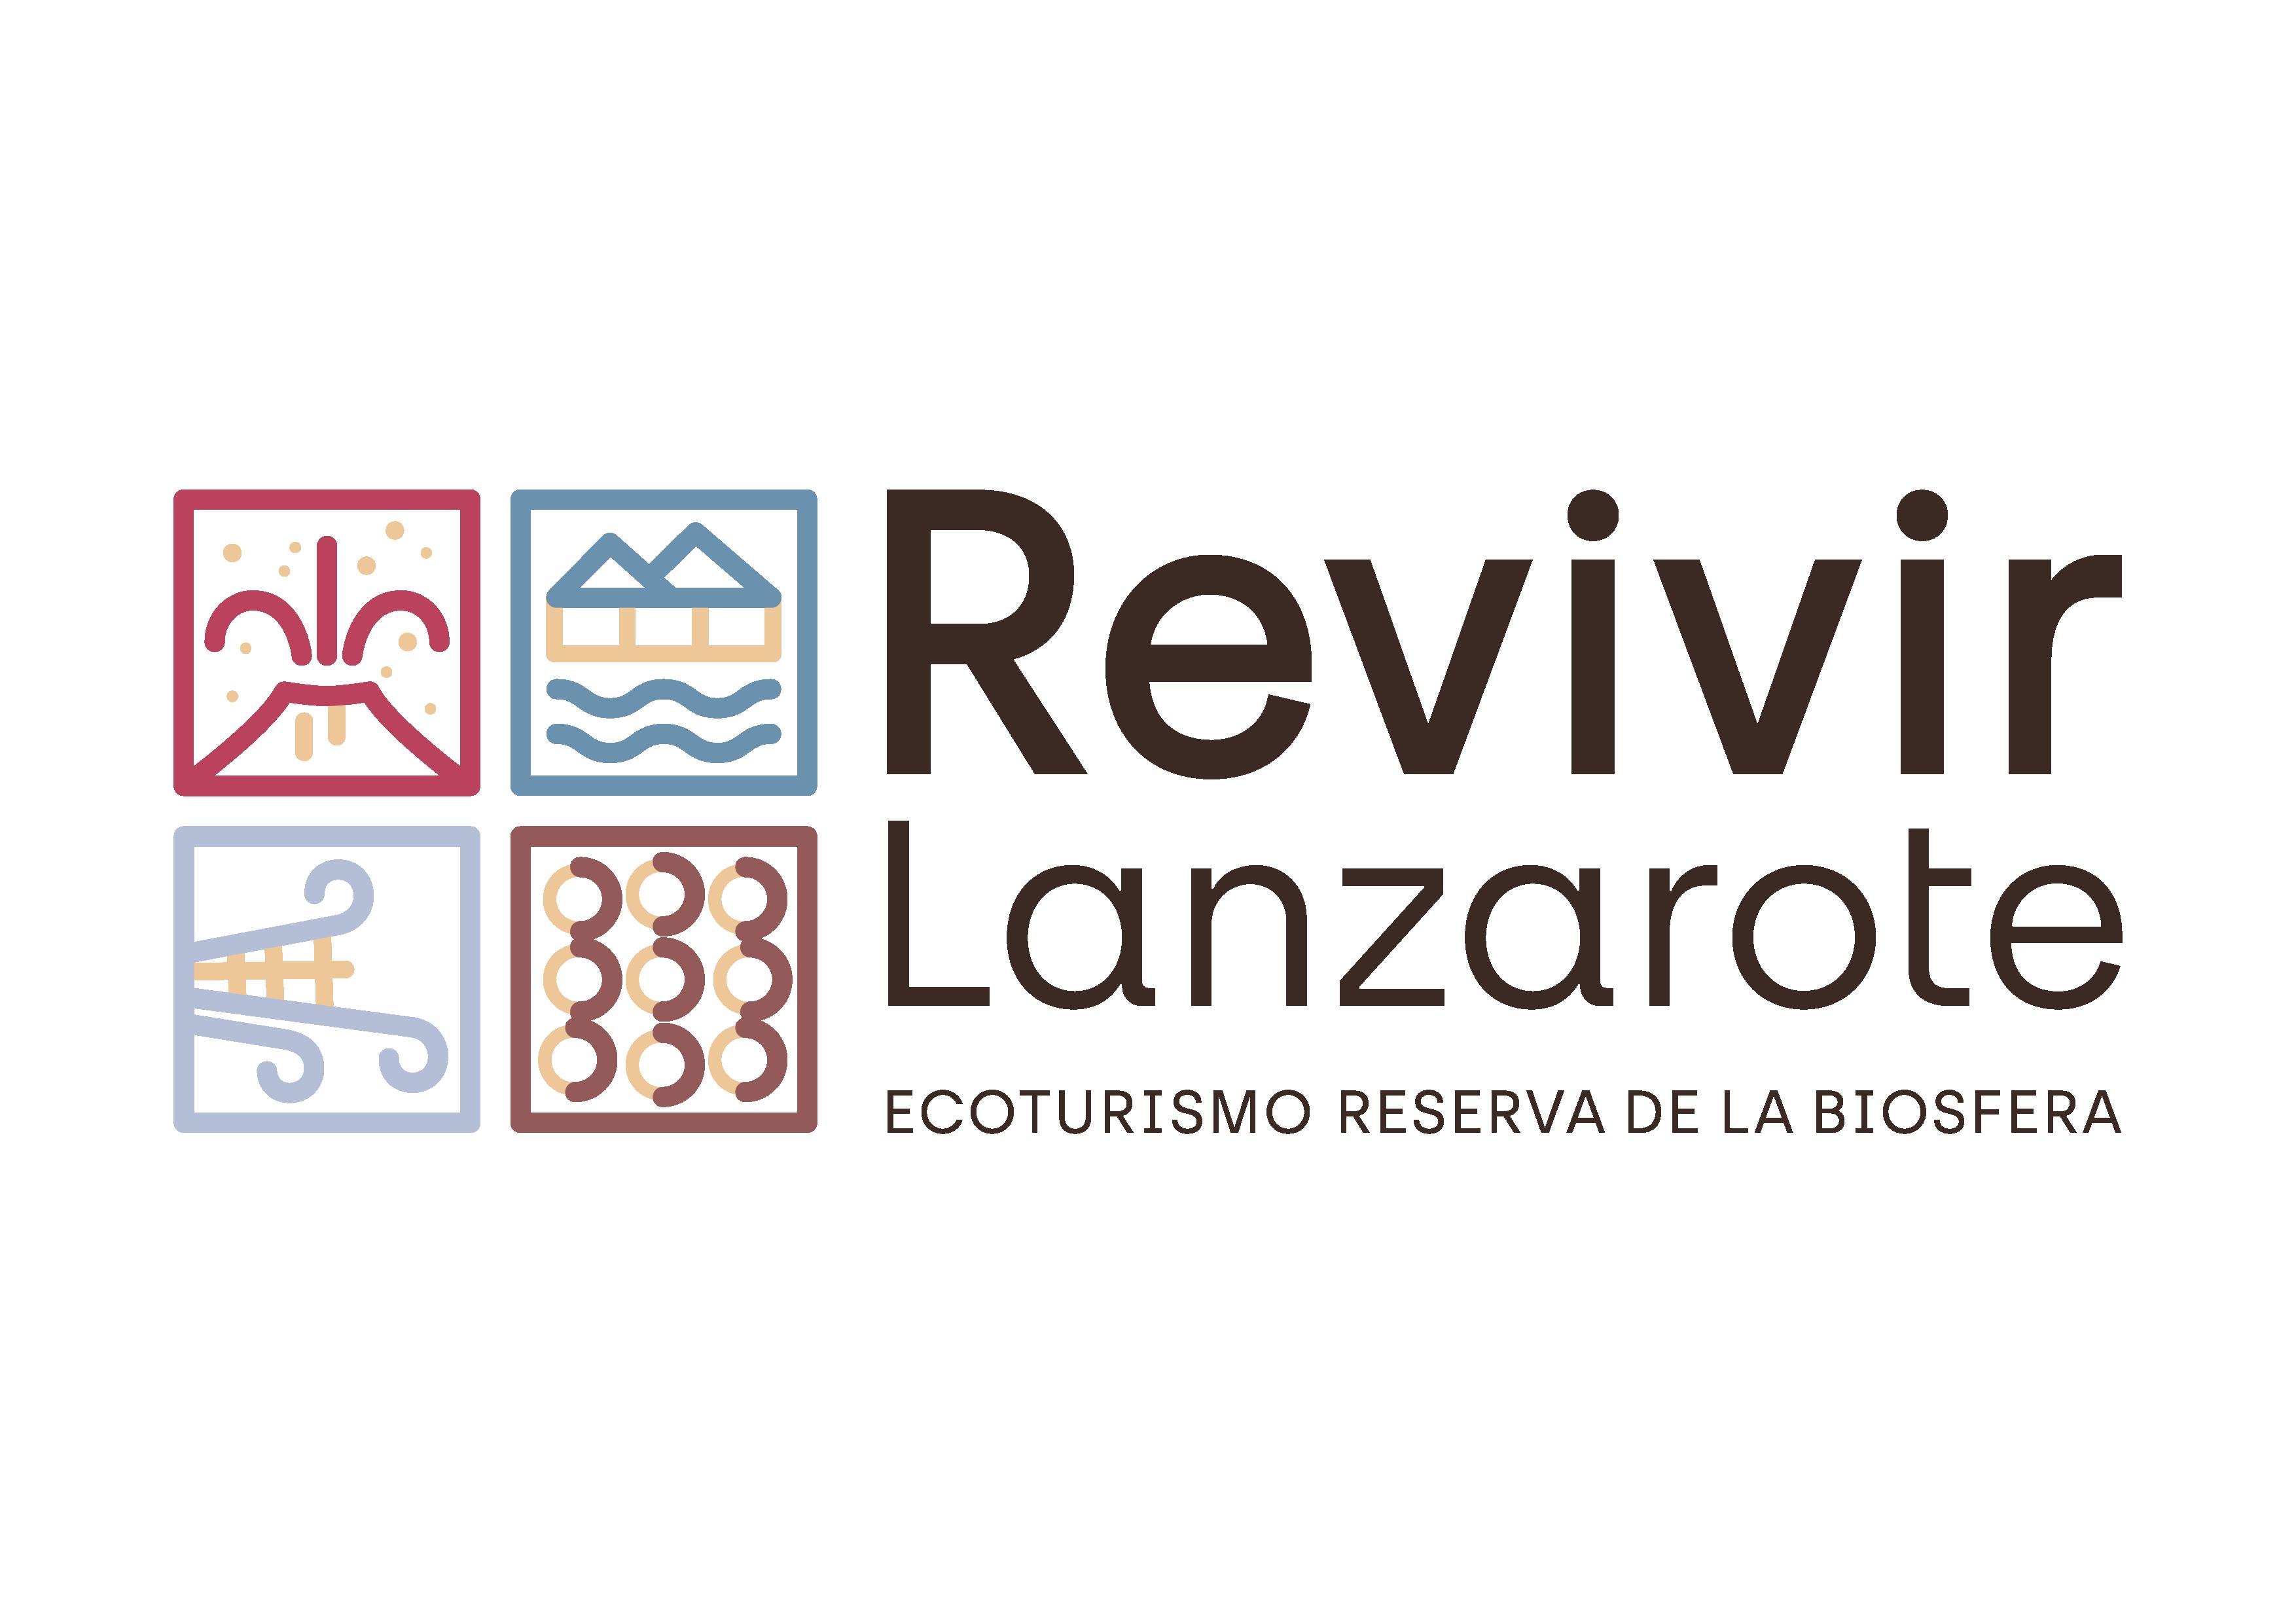 Club Ecoturismo Lanzarote